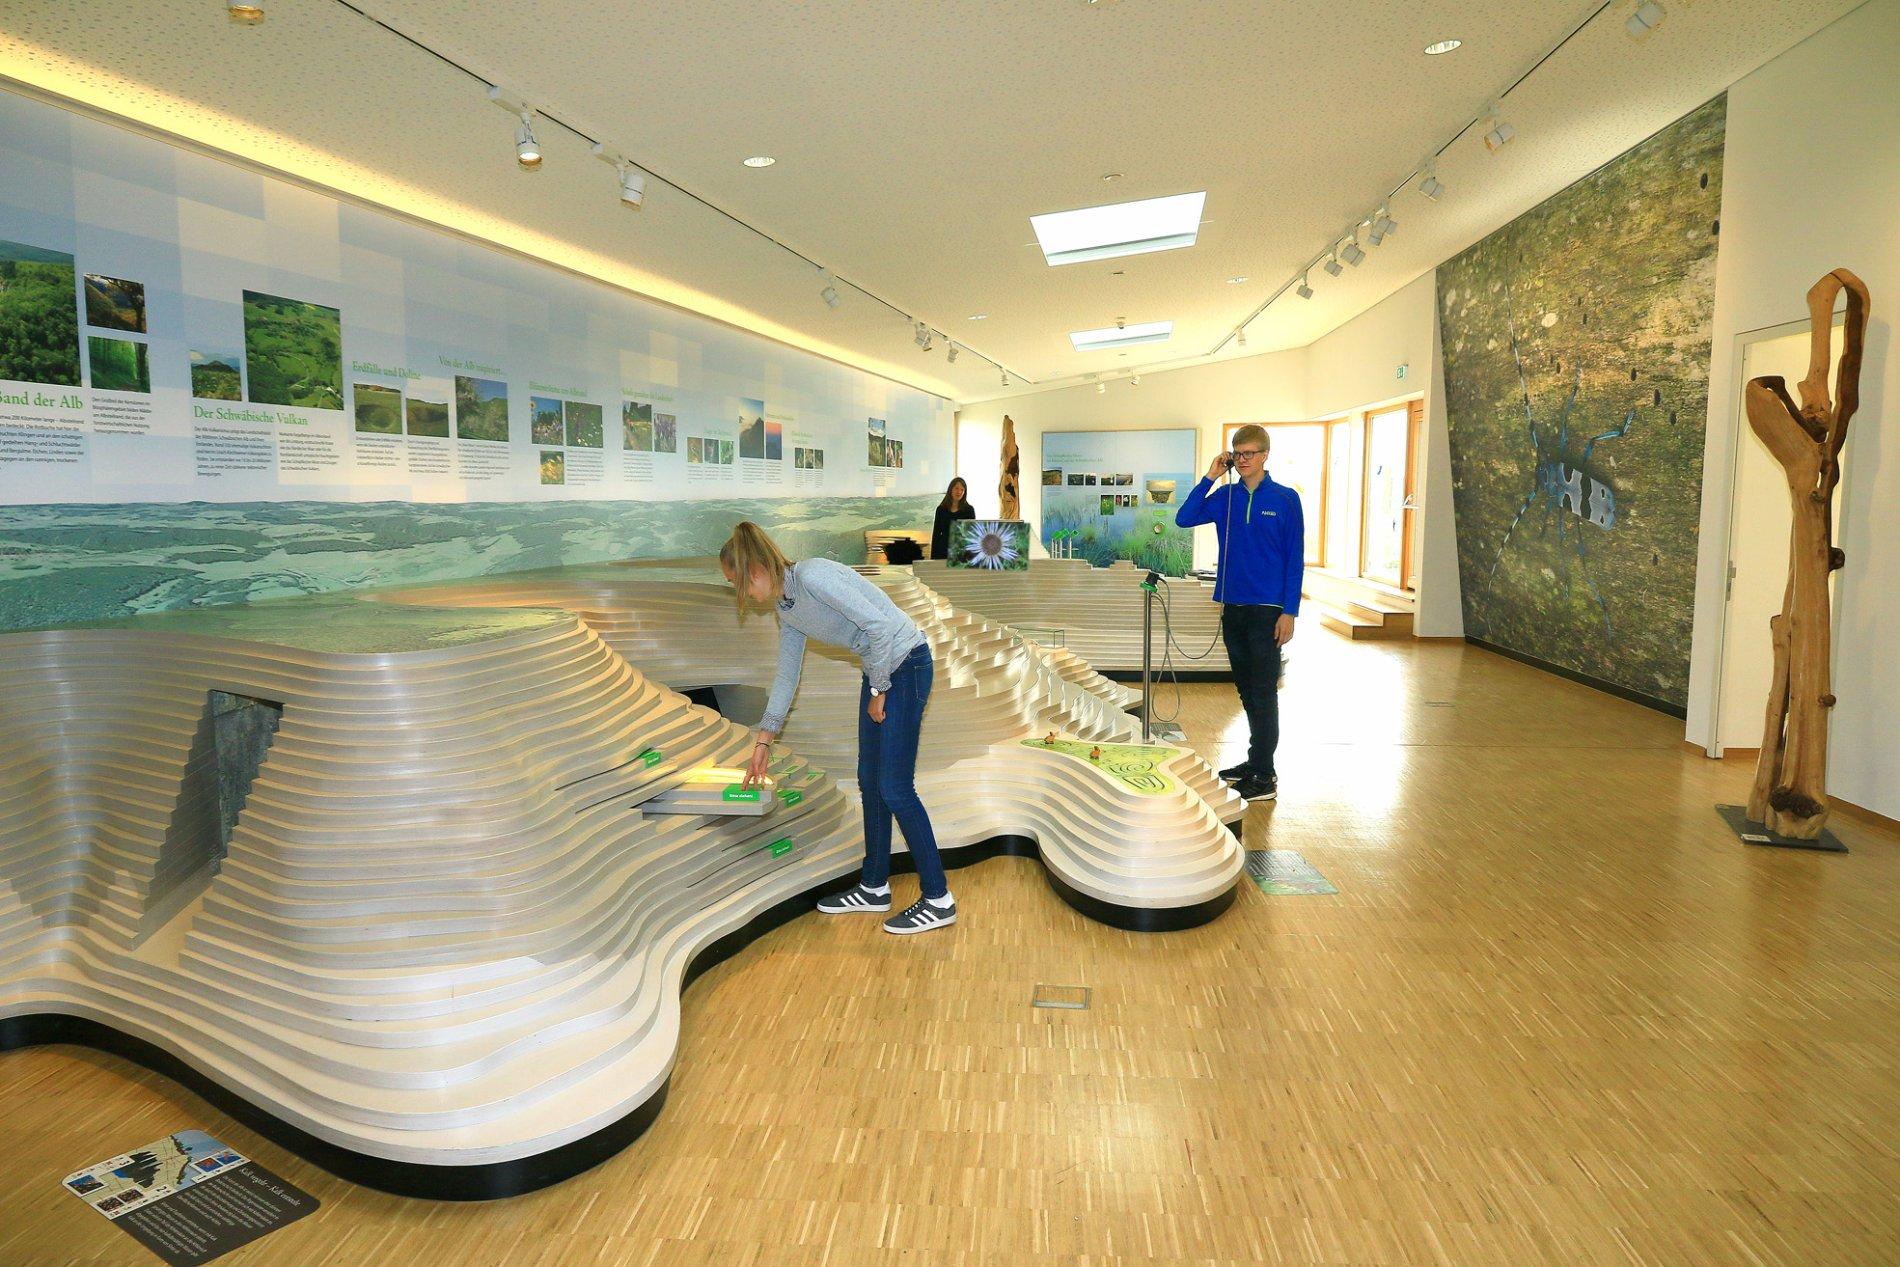 Ausstellungsraum im Naturschutzzentrum Schopflocher Alb